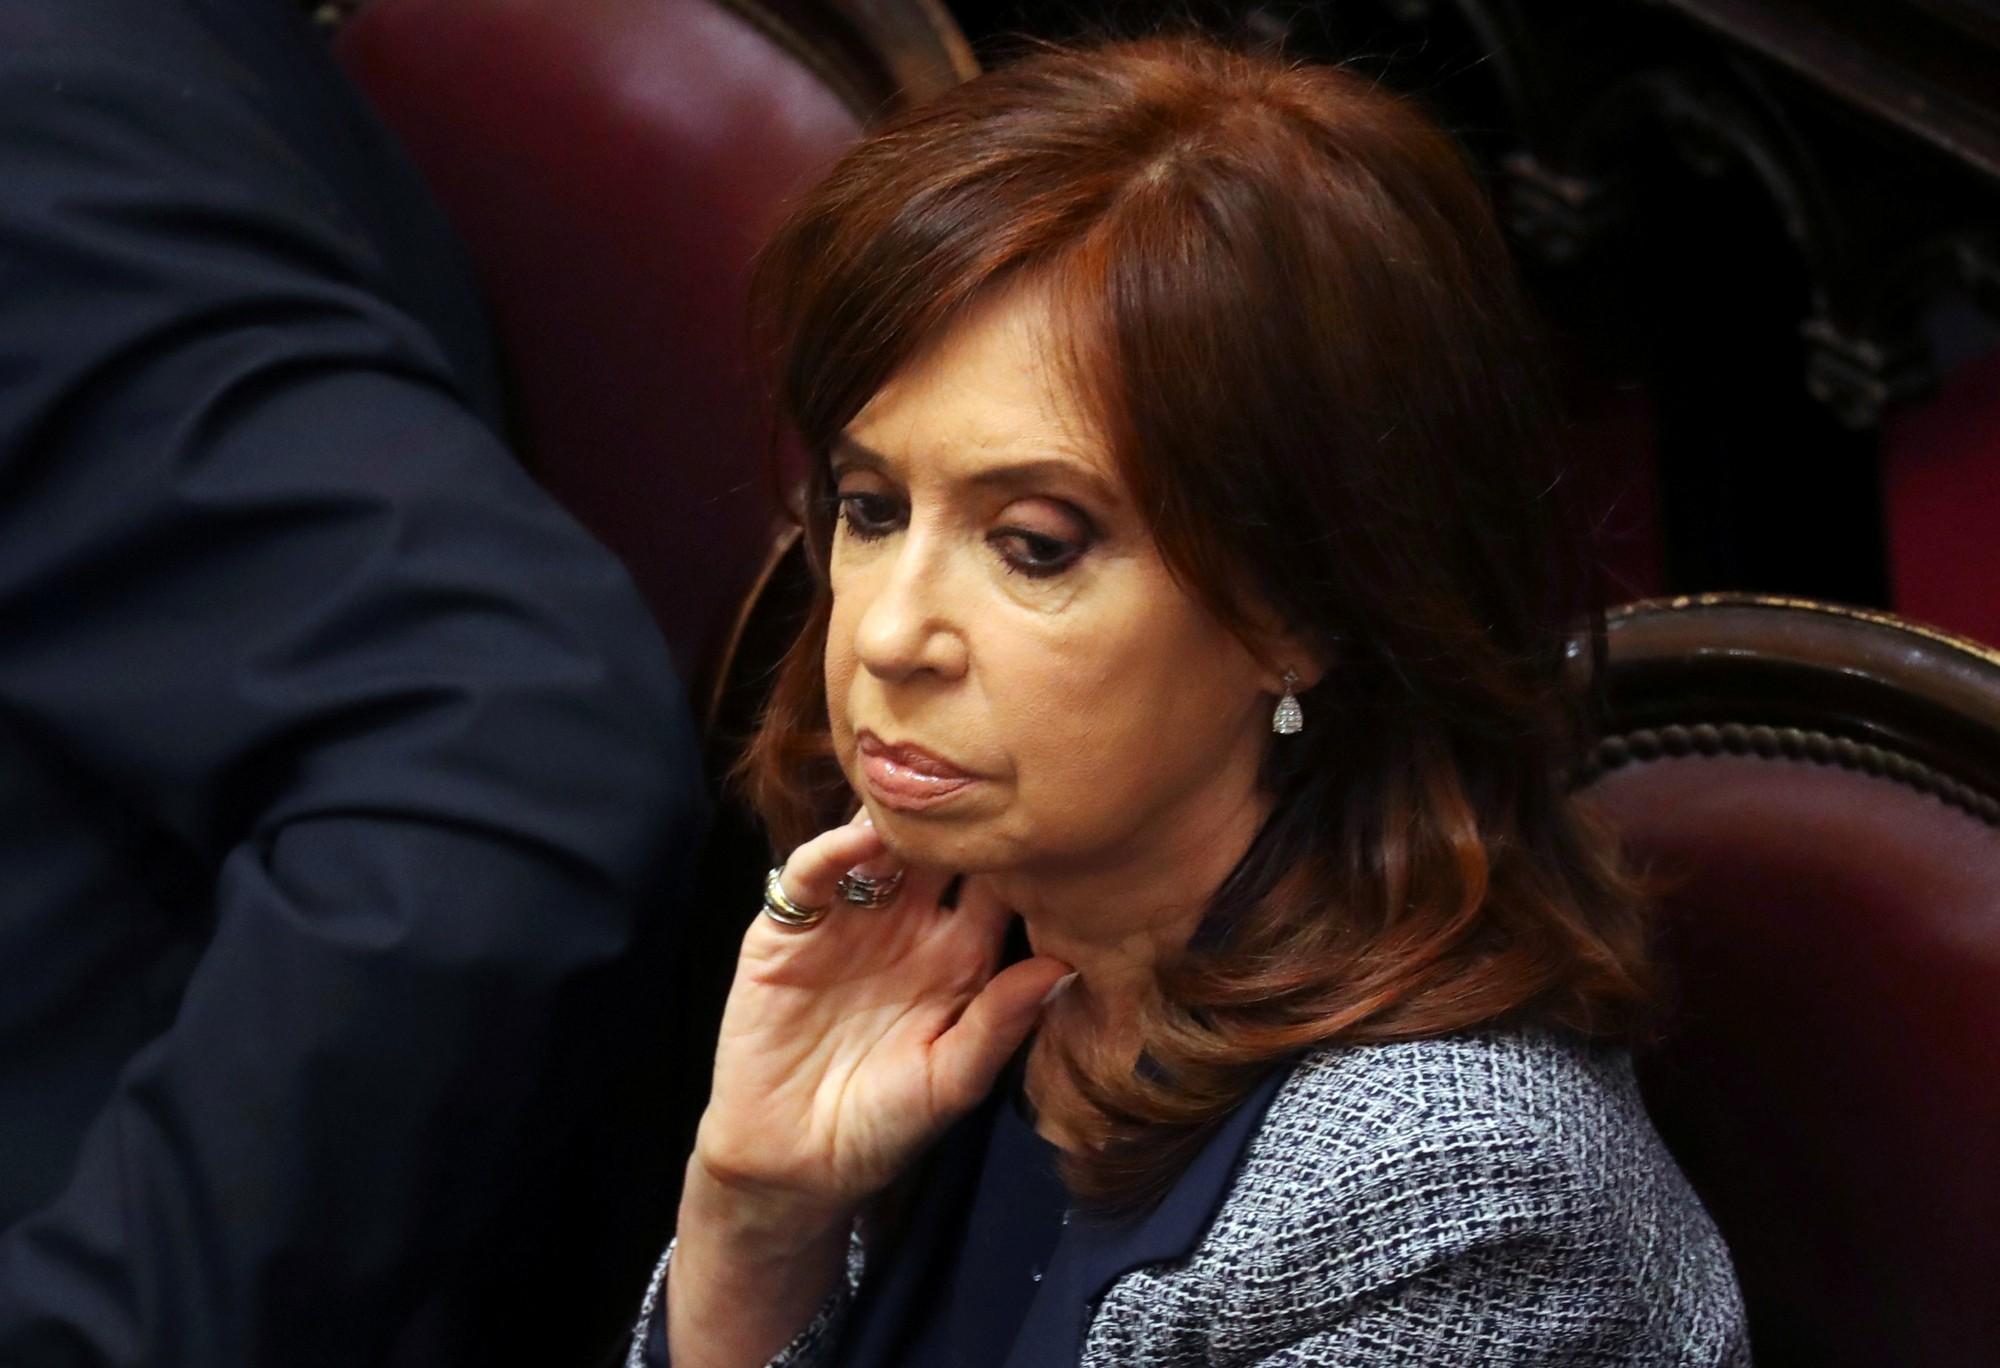 Você viu? Juiz determina a prisão da ex-presidente Cristina Kirchner e outras notícias da semana